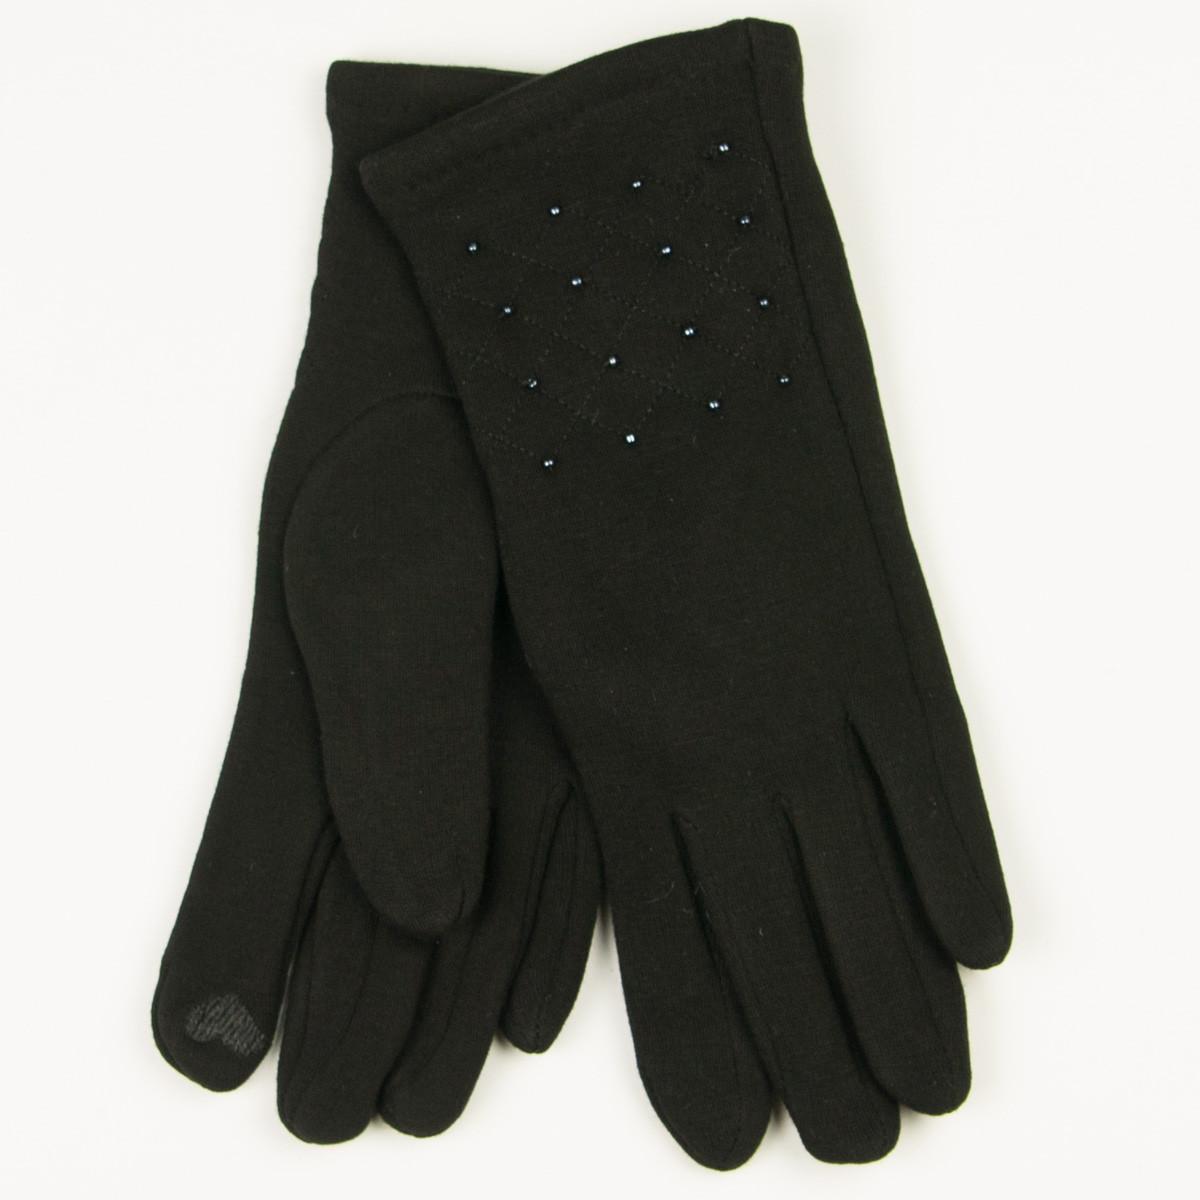 Трикотажные  женские перчатки зимние (арт. 19-1-39/4) S(6.5)